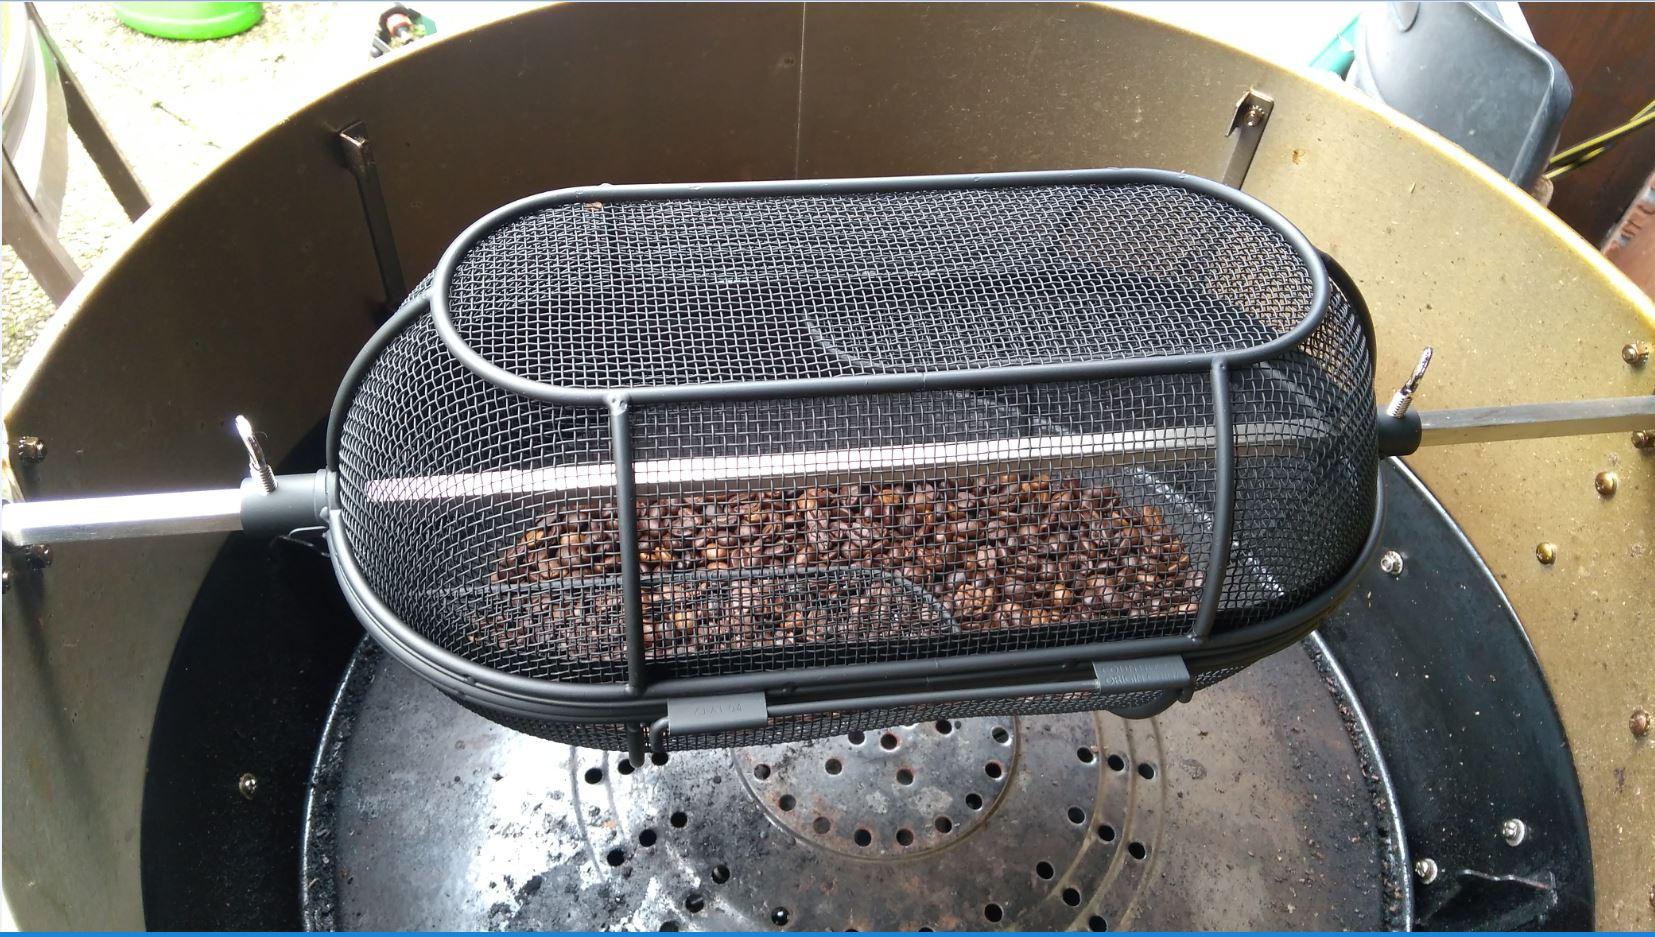 Drehspieß Für Gasgrill : Kaffee rösten mit dem gasgrill: erste versuche